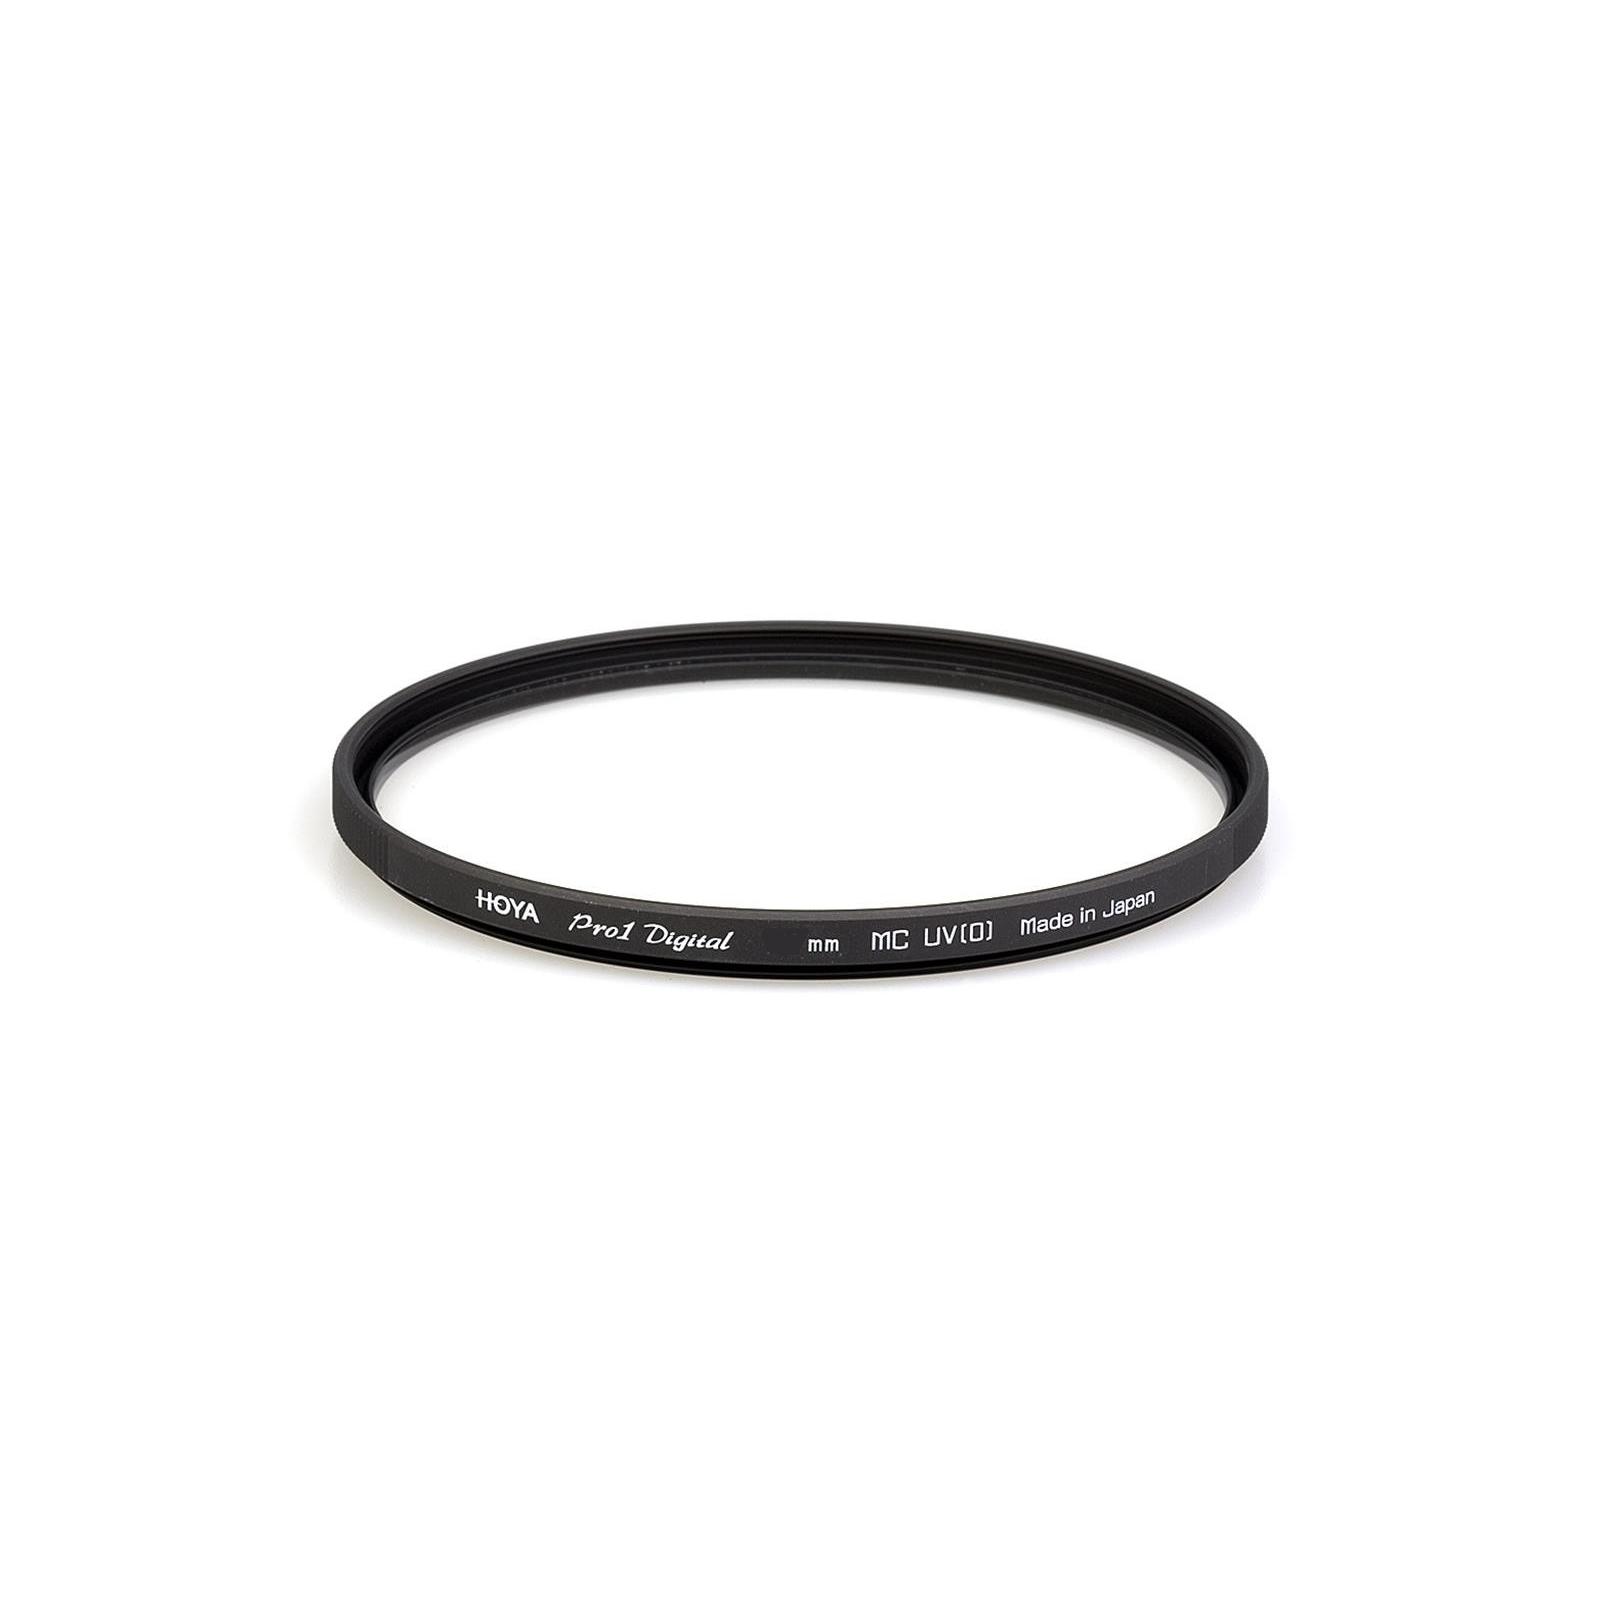 Светофильтр Hoya UV Pro1 Digital 55mm (0024066040152)